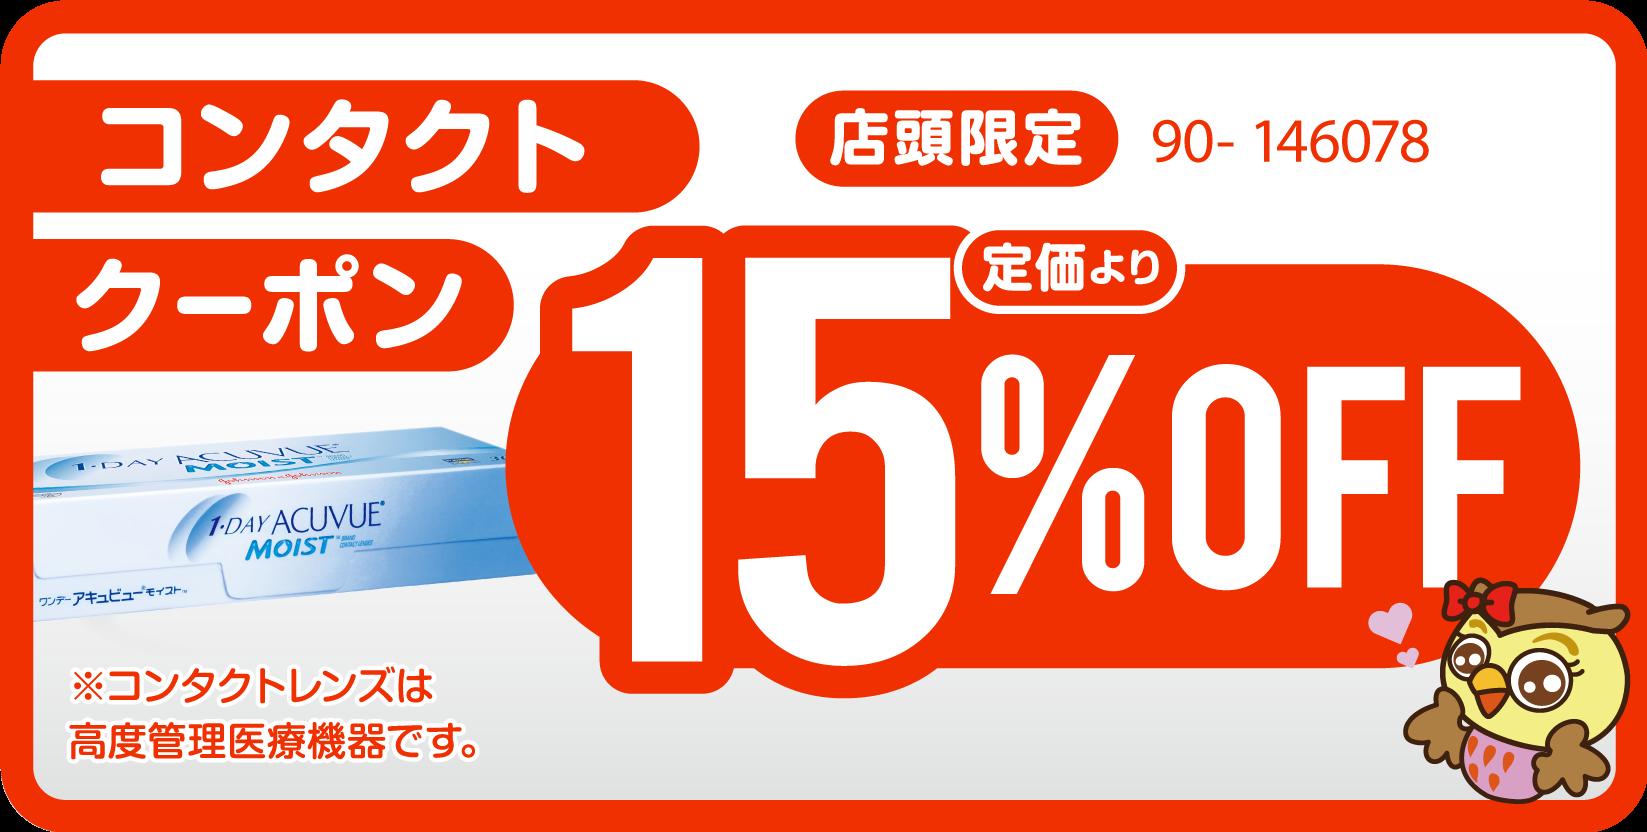 LINE限定コンタクト15%OFFクーポン